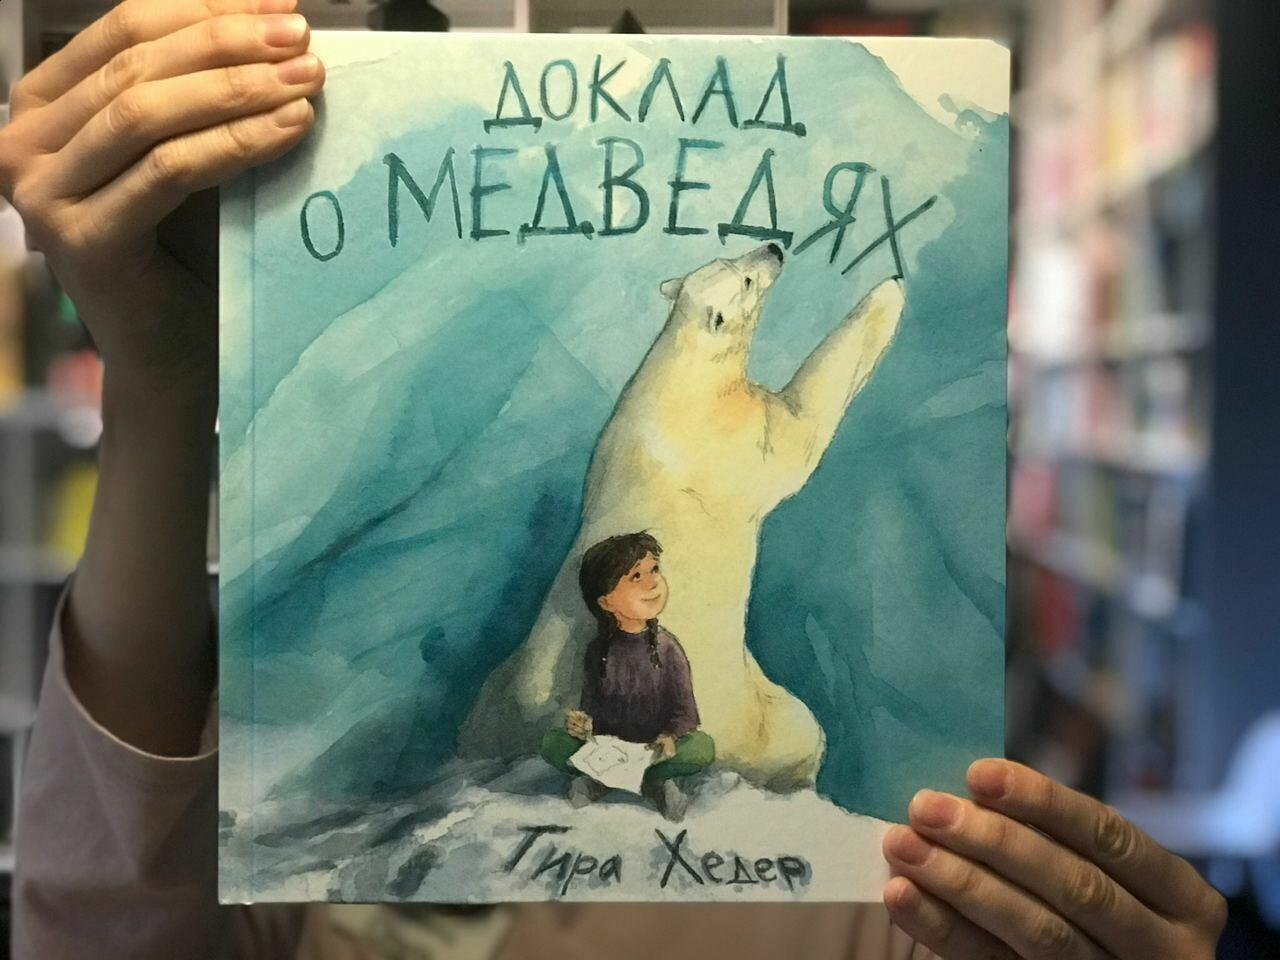 Доклад о медведях